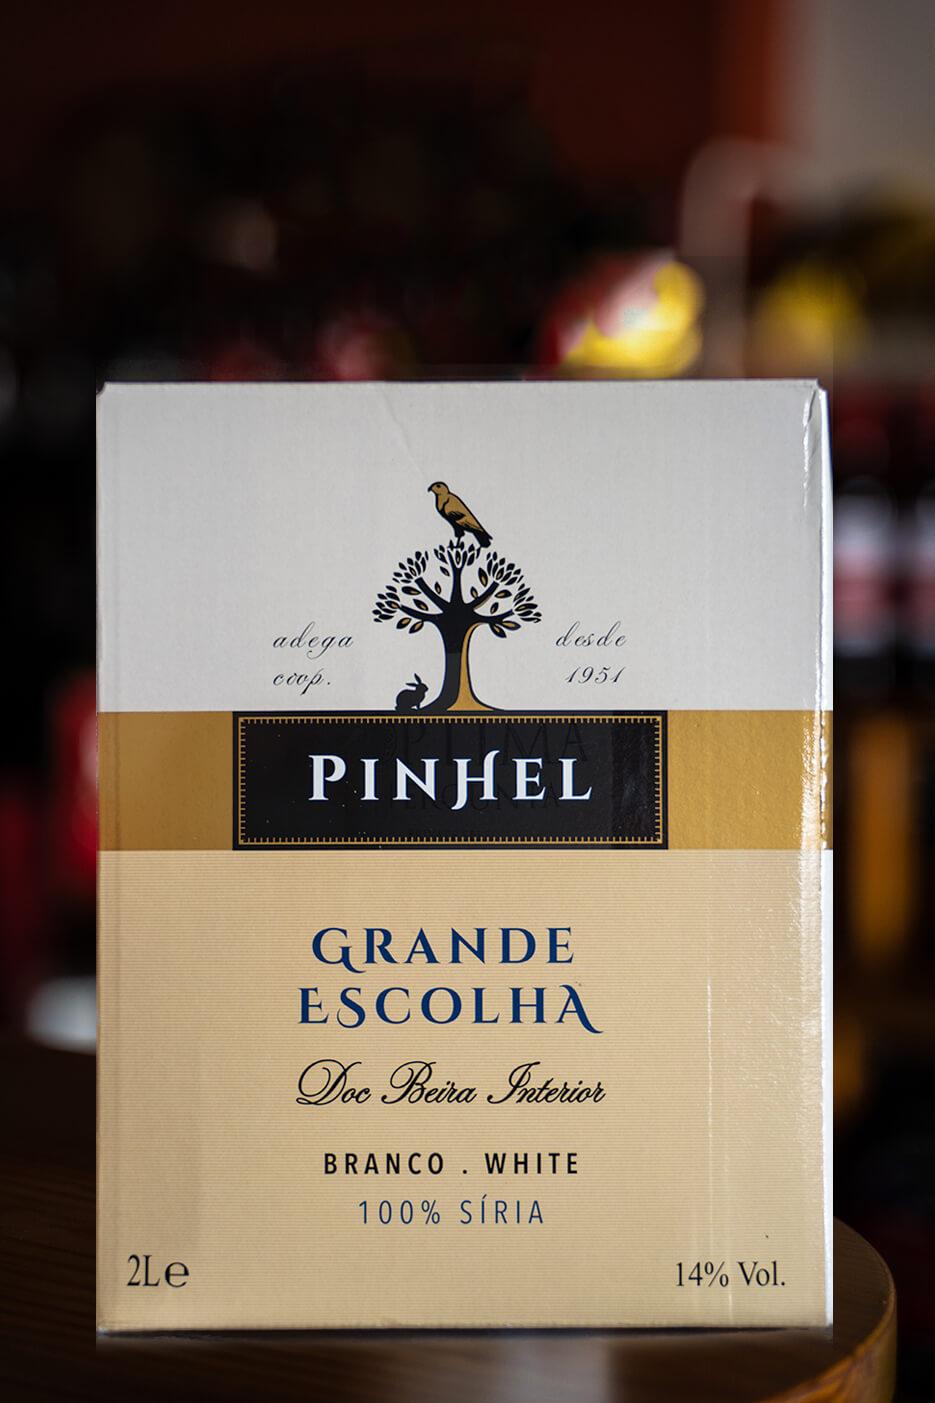 Pinhel Grande Escolha 2L